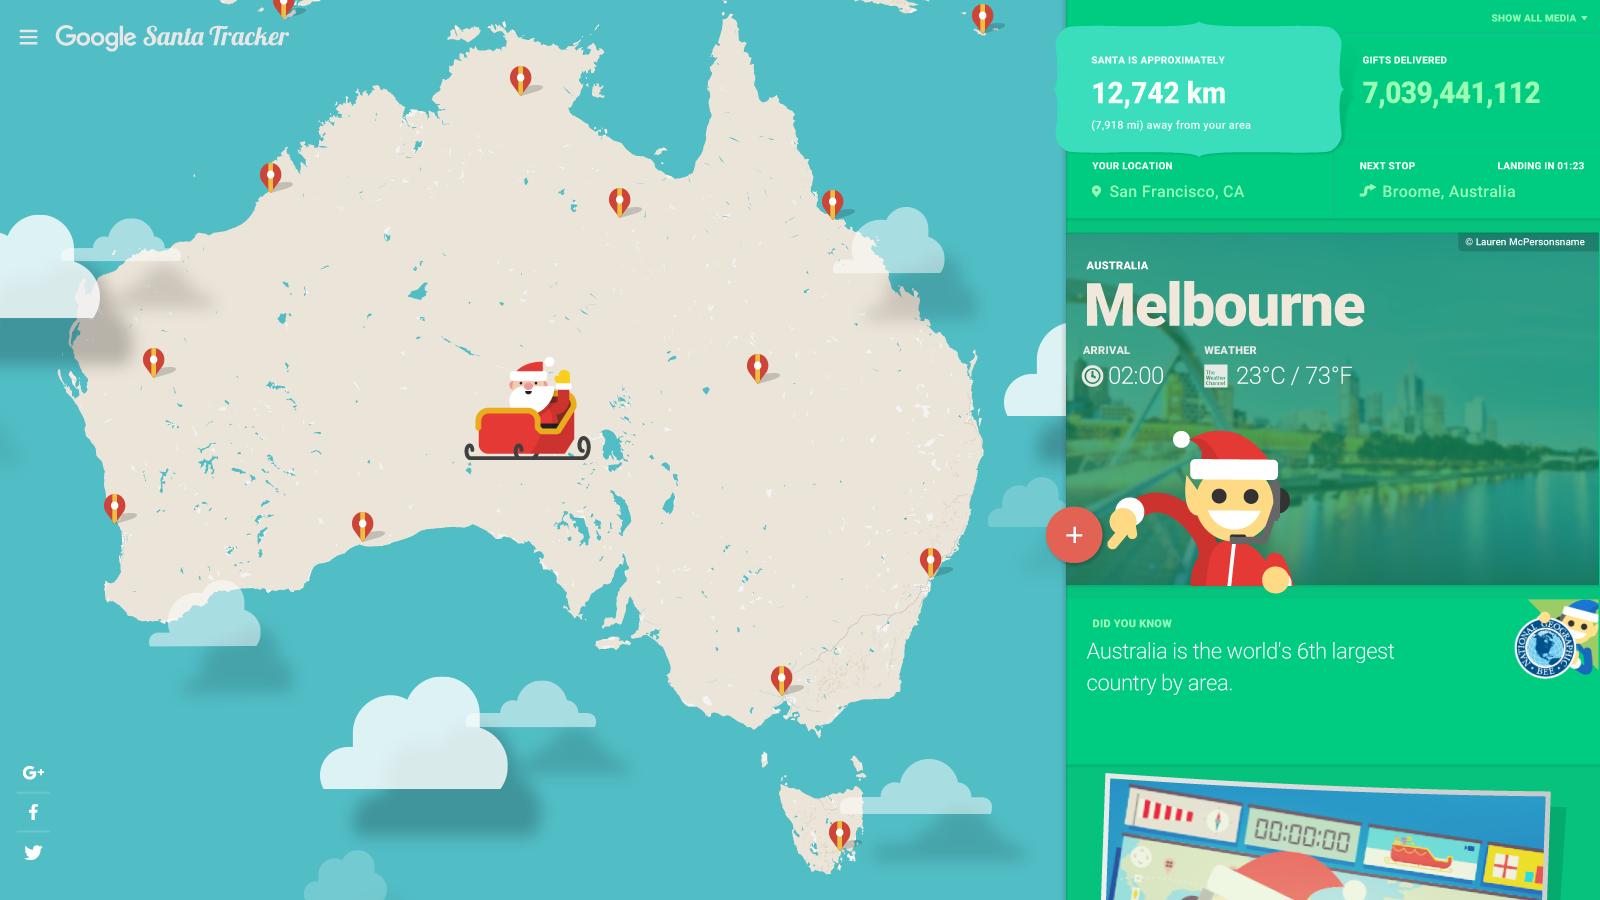 trajet du pere noel Suivez la tournée du Père Noël en direct sur Google Maps grâce au  trajet du pere noel